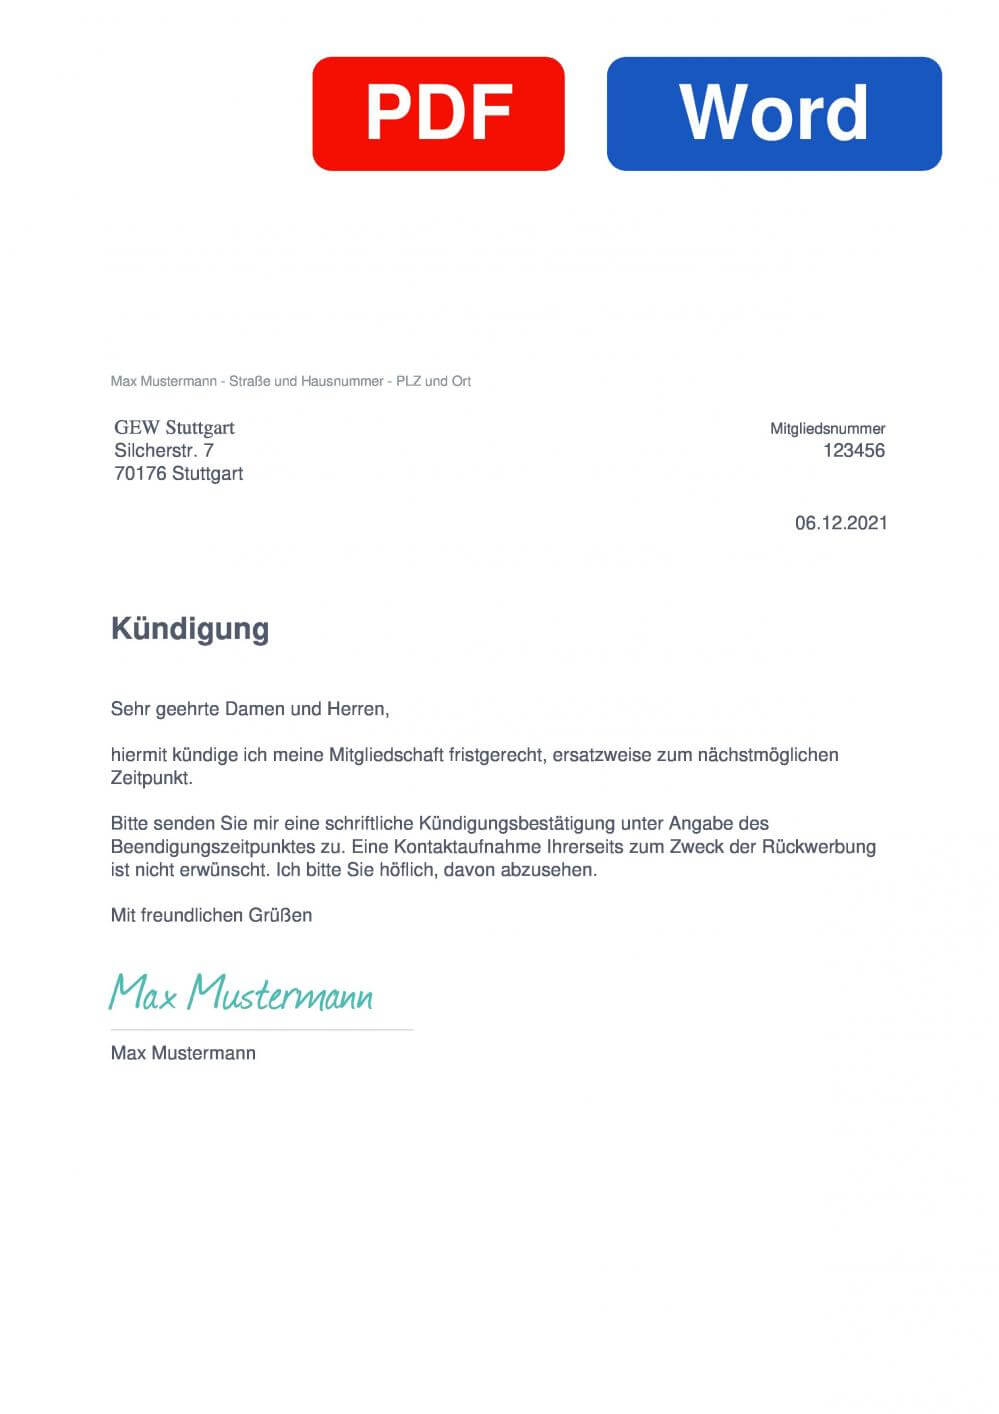 GEW Stuttgart Muster Vorlage für Kündigungsschreiben